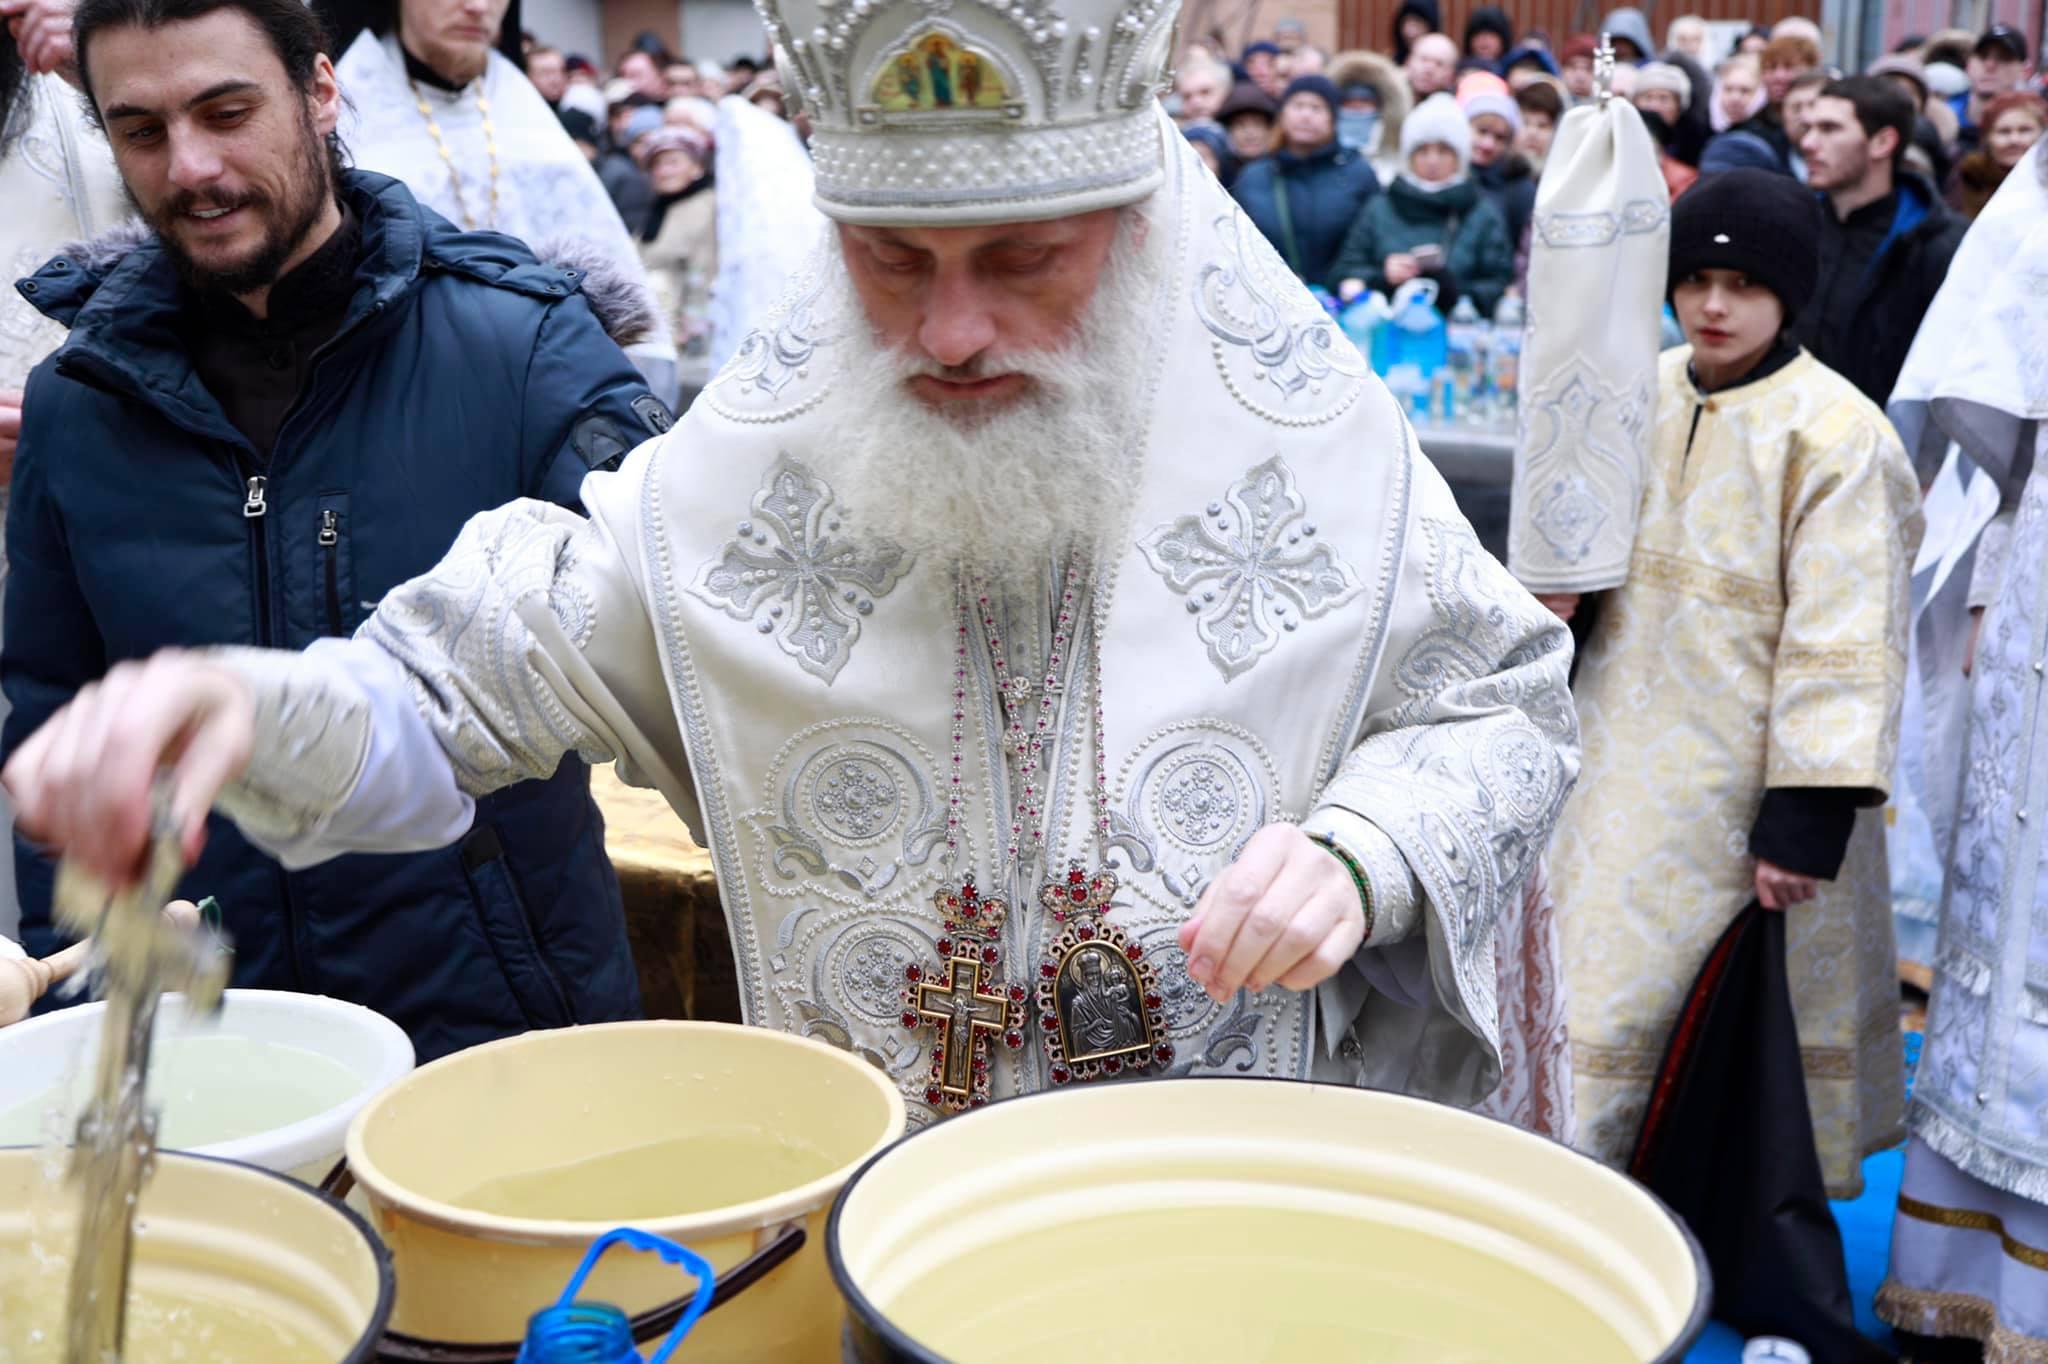 Божественная литургия в день Богоявления - Крещения Господа Иисуса Христа.